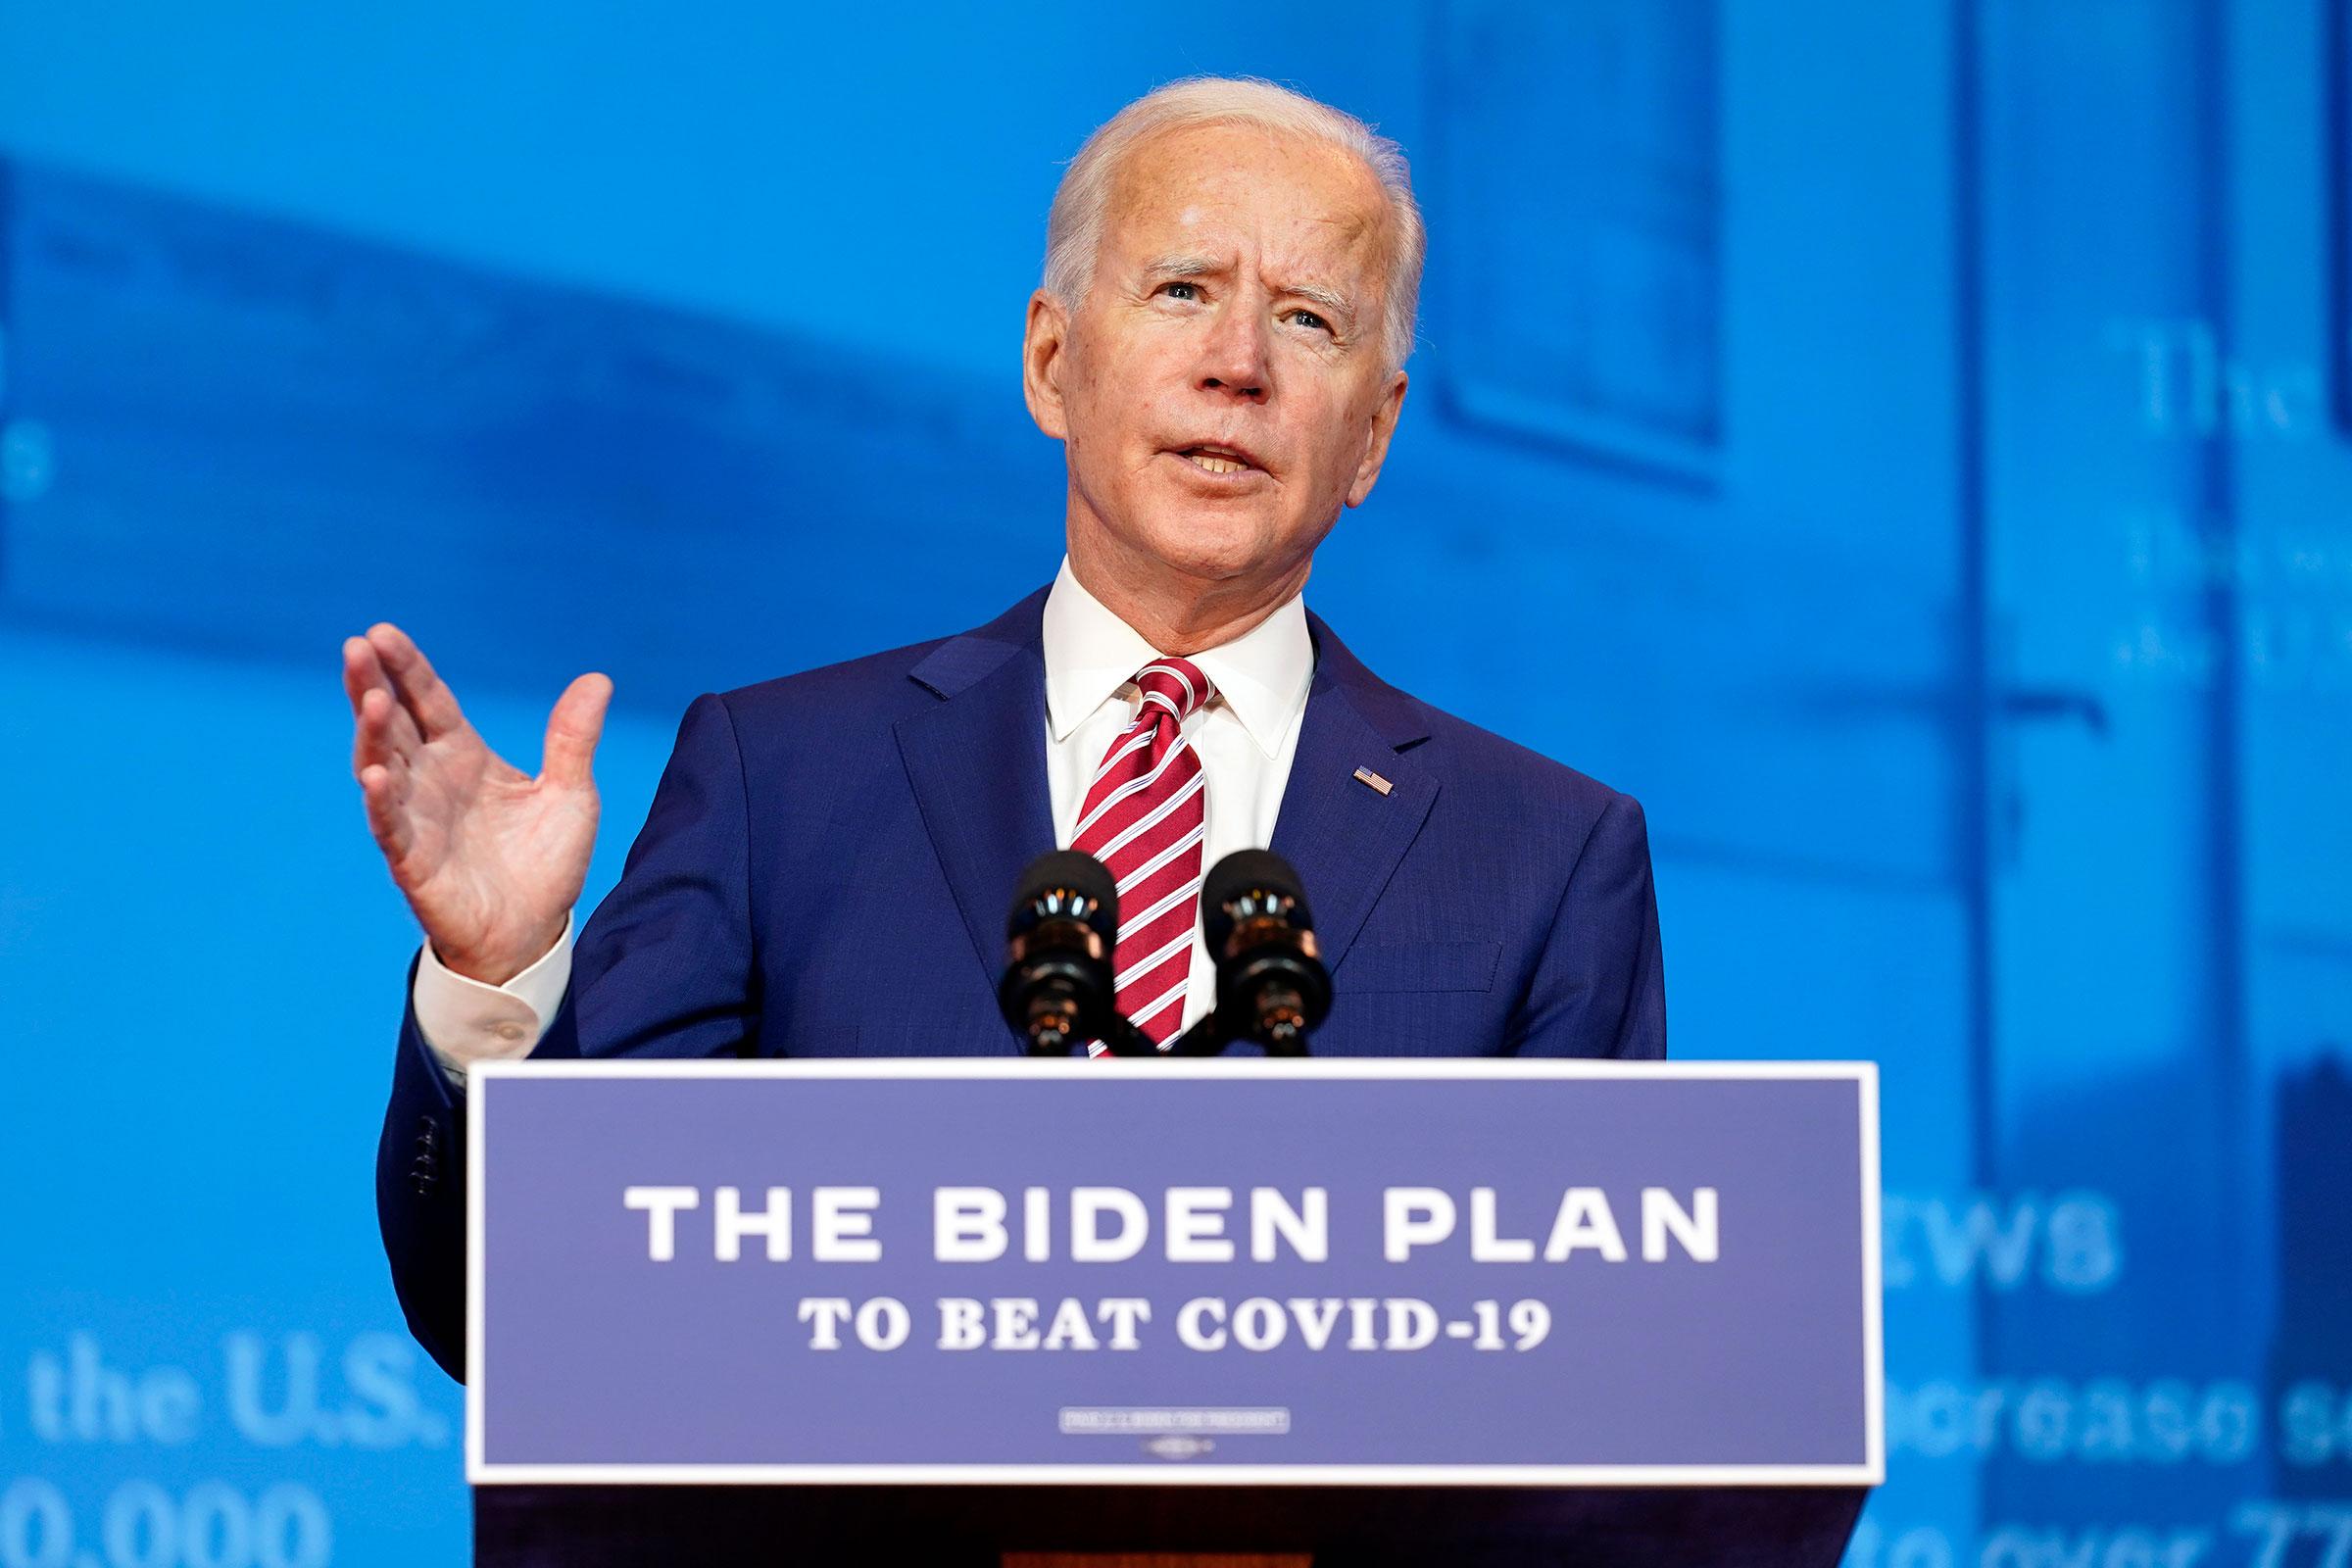 Joe Biden speaks on Friday, October 23 in Wilmington, Delaware.